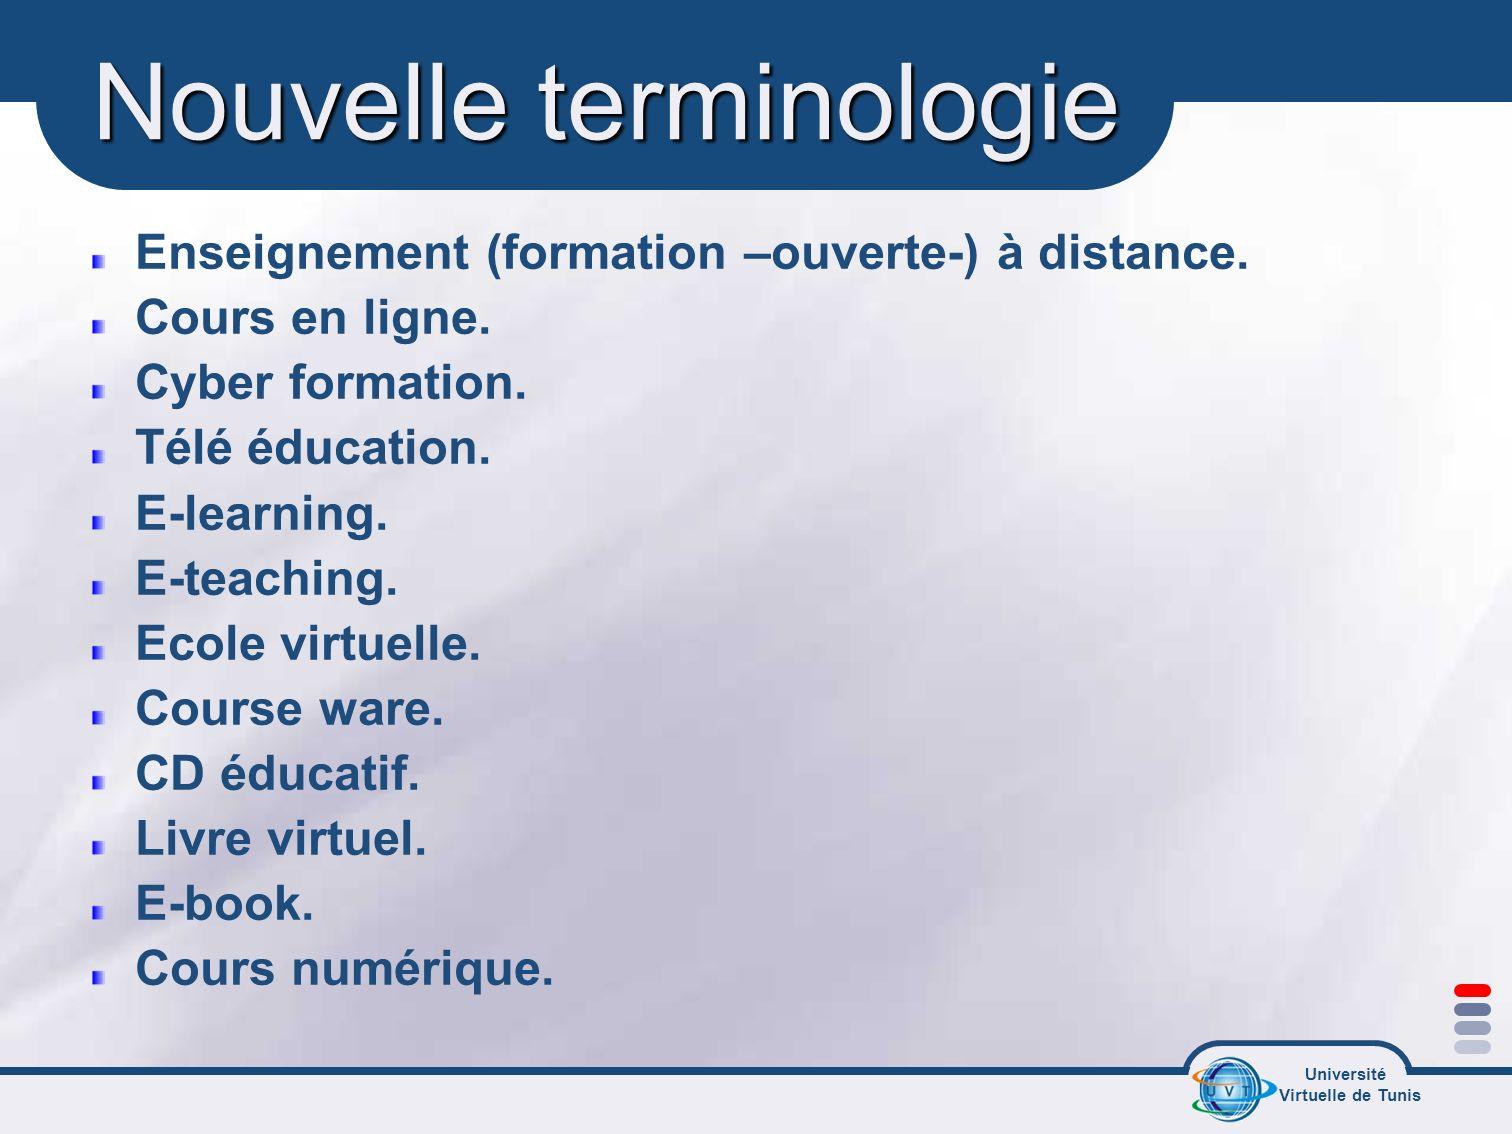 Université Virtuelle de Tunis Nouvelle terminologie Enseignement (formation –ouverte-) à distance. Cours en ligne. Cyber formation. Télé éducation. E-